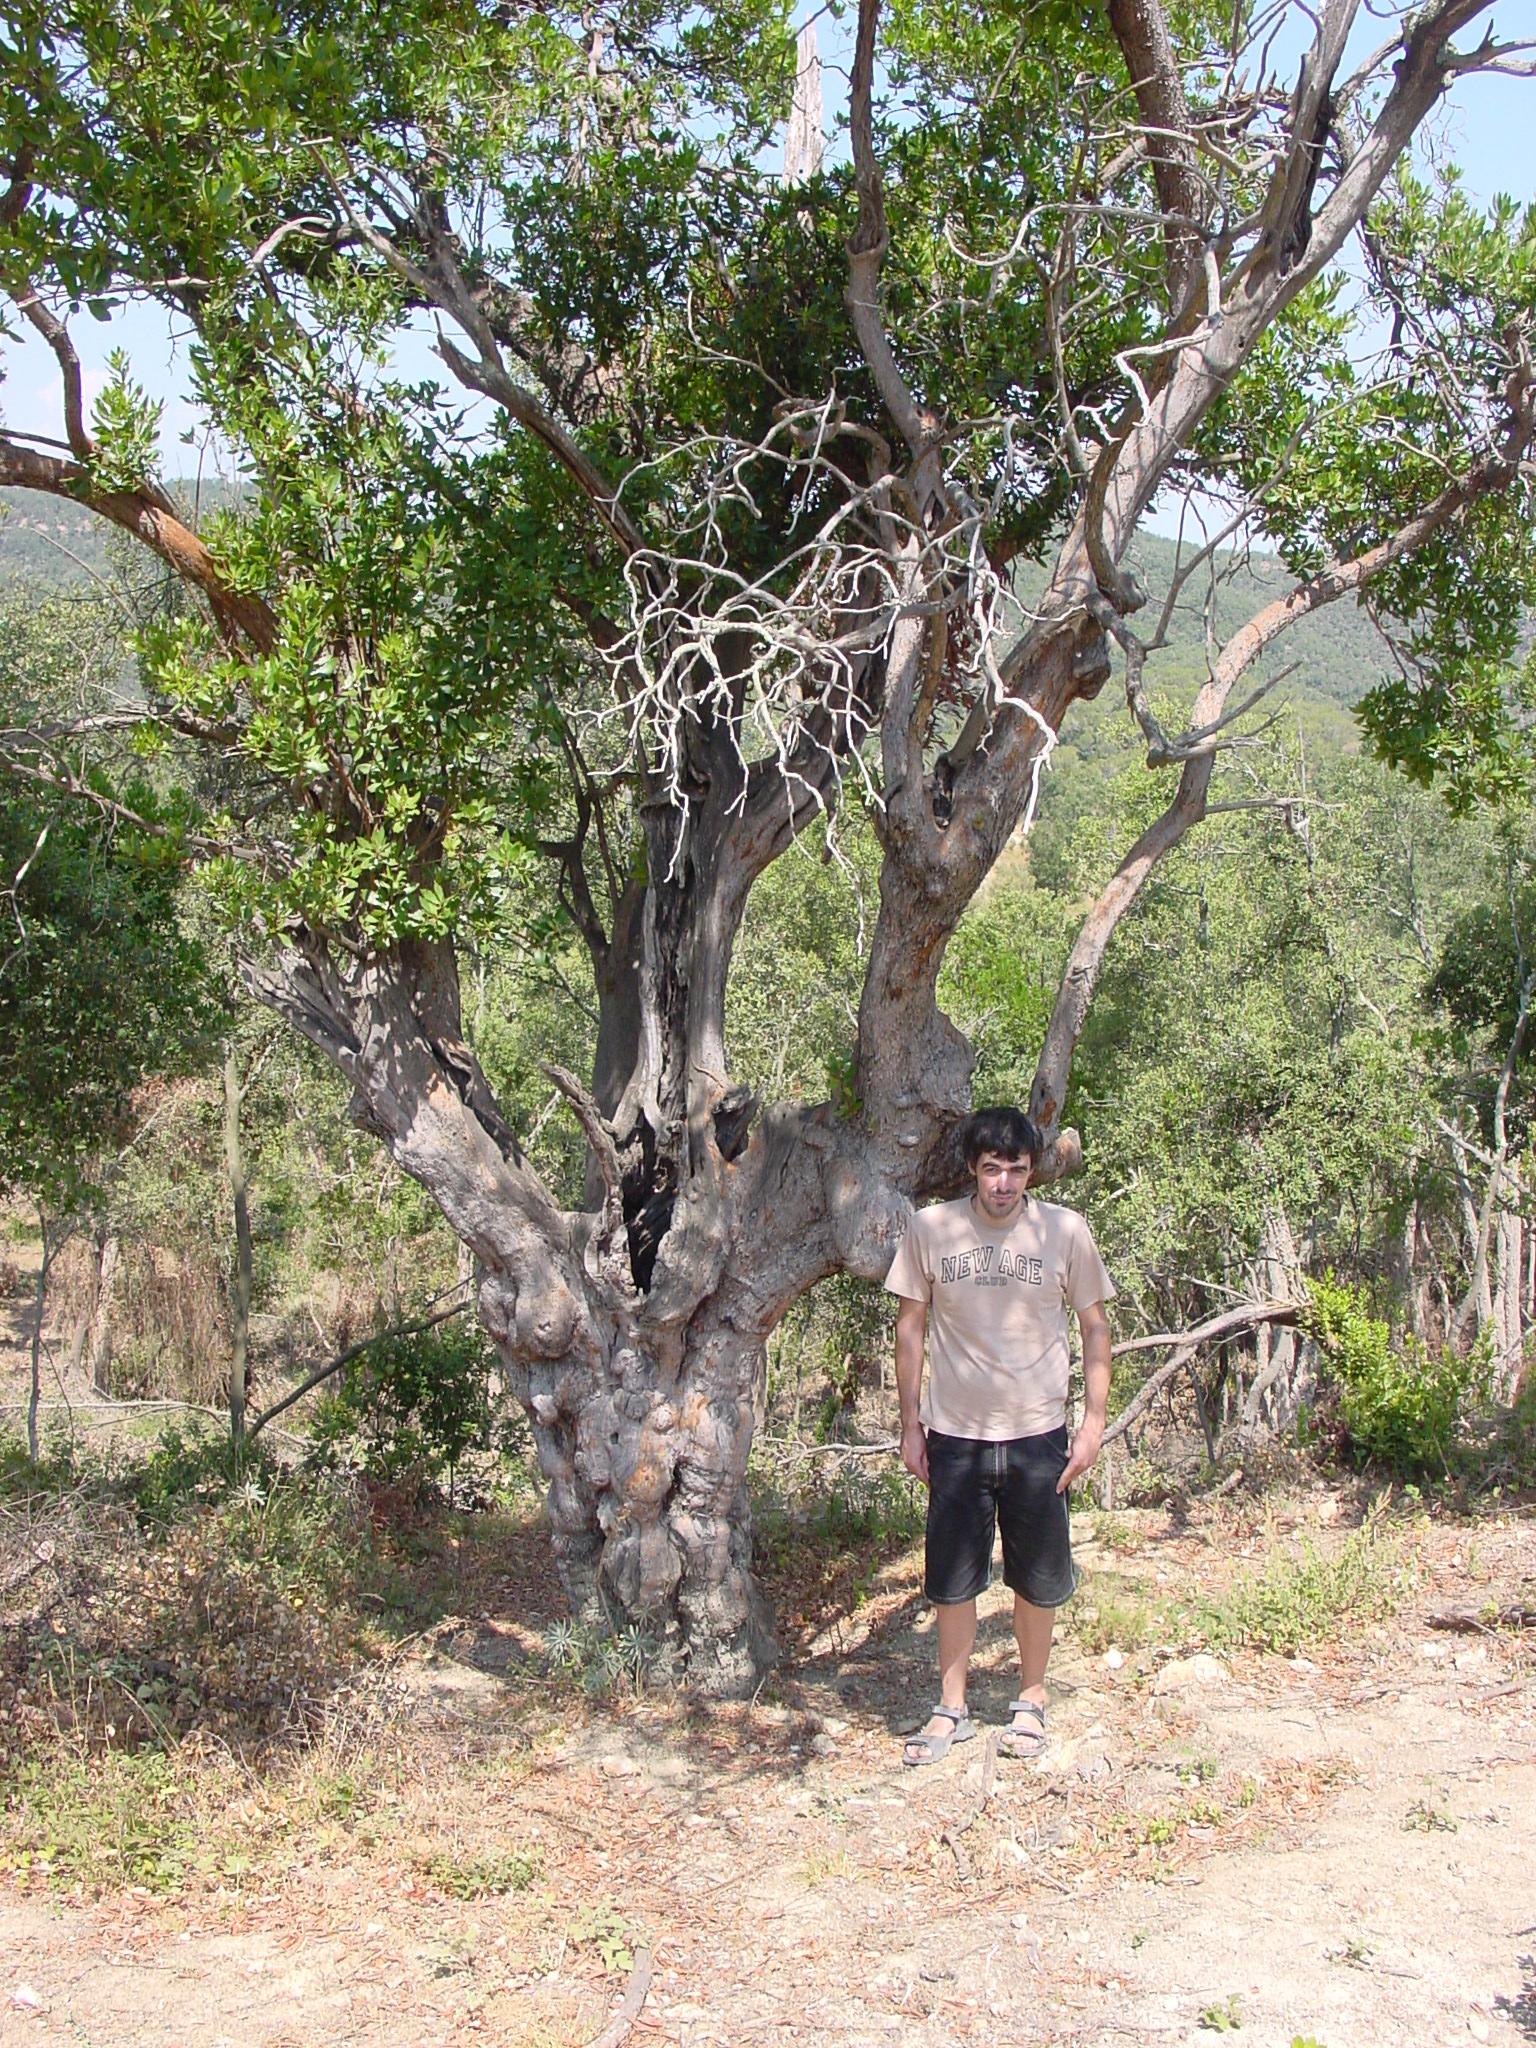 L'arboç de can Genoer està catalogat per la Generalitat de Catalunya com a arbre monumental. Normalment els  arboços són arbres petits, l'exemplar de la imatge fa 8'5 m d'alçada, té una capçada de 8'2 m i a 1'3 m de terra el seu tronc mesura 2'38 m. És un dels arboços més gruixuts de Catalunya.